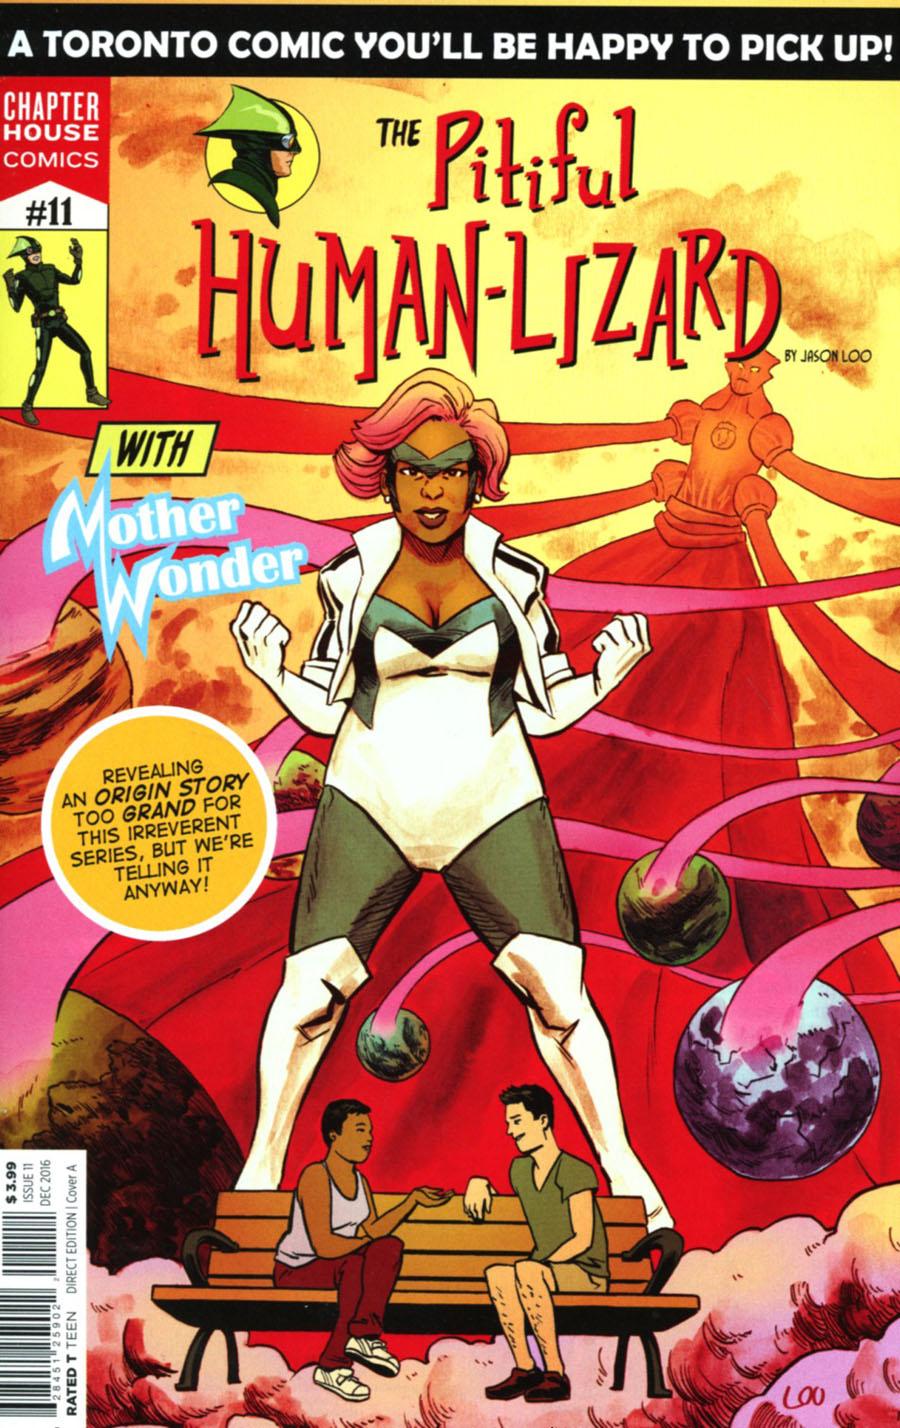 Pitiful Human-Lizard #11